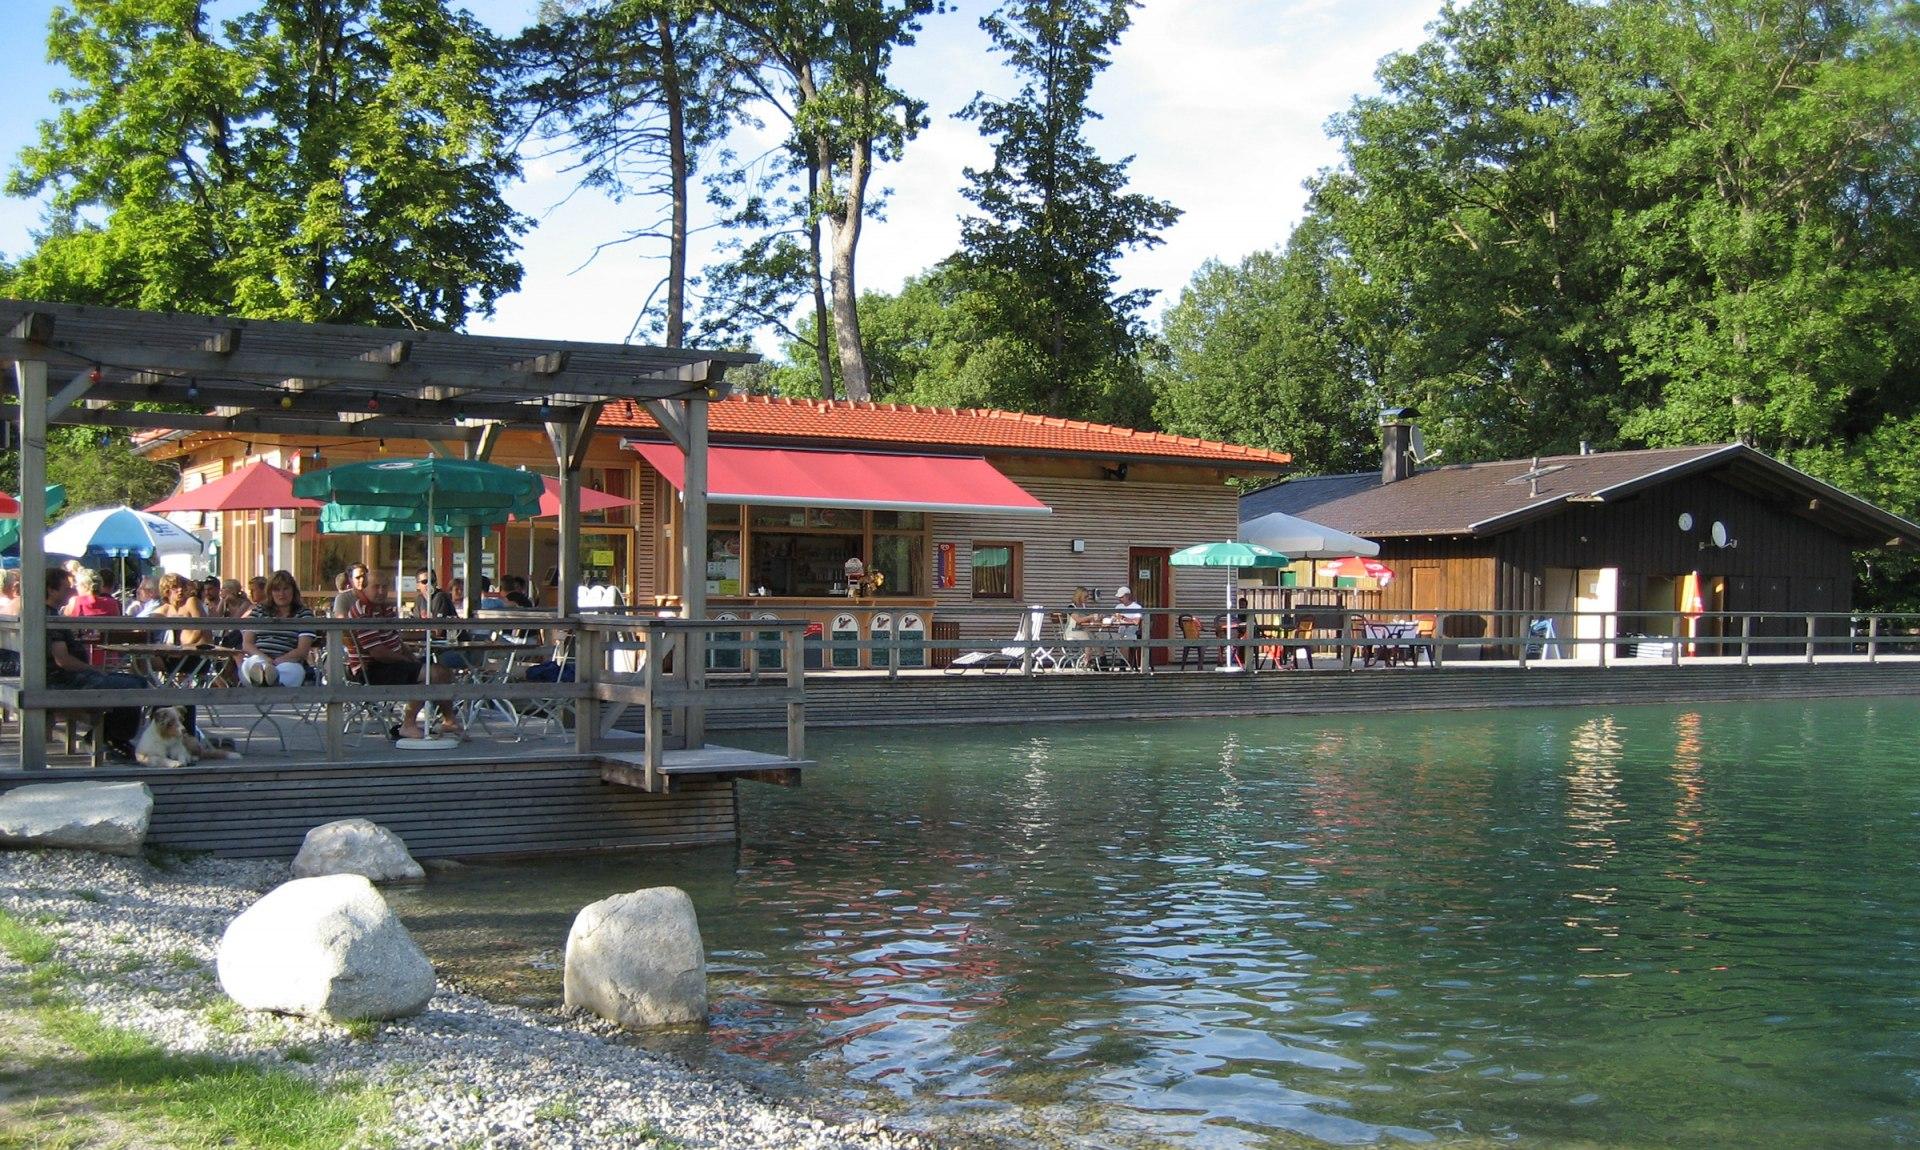 Natur-Freischwimmbad, © Tourist Info Aschau i.Ch.